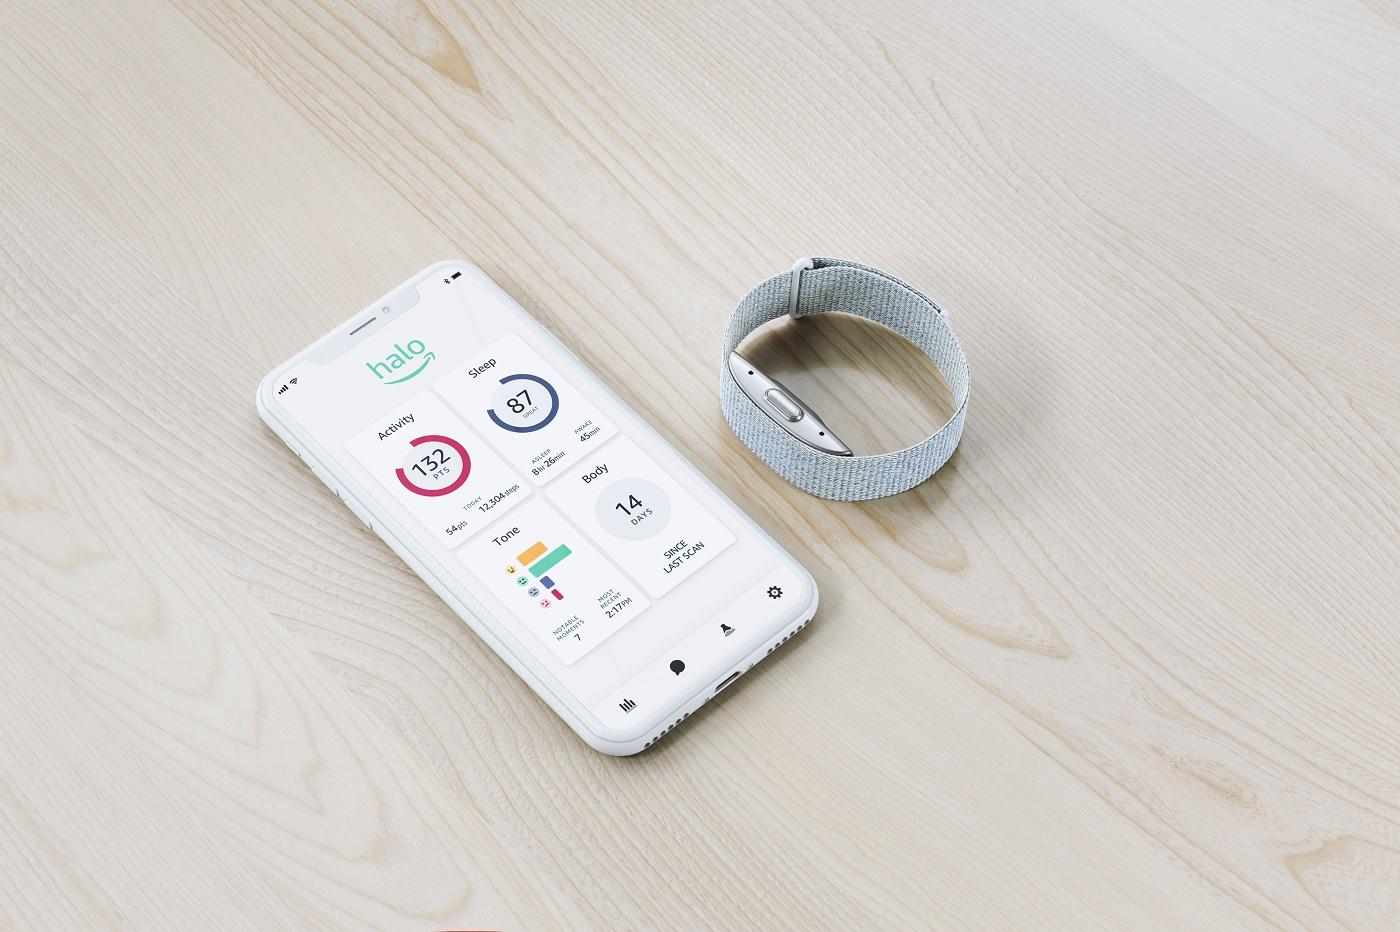 Amazon lance un bracelet connecté pour contrer Fitbit et l'Apple Watch